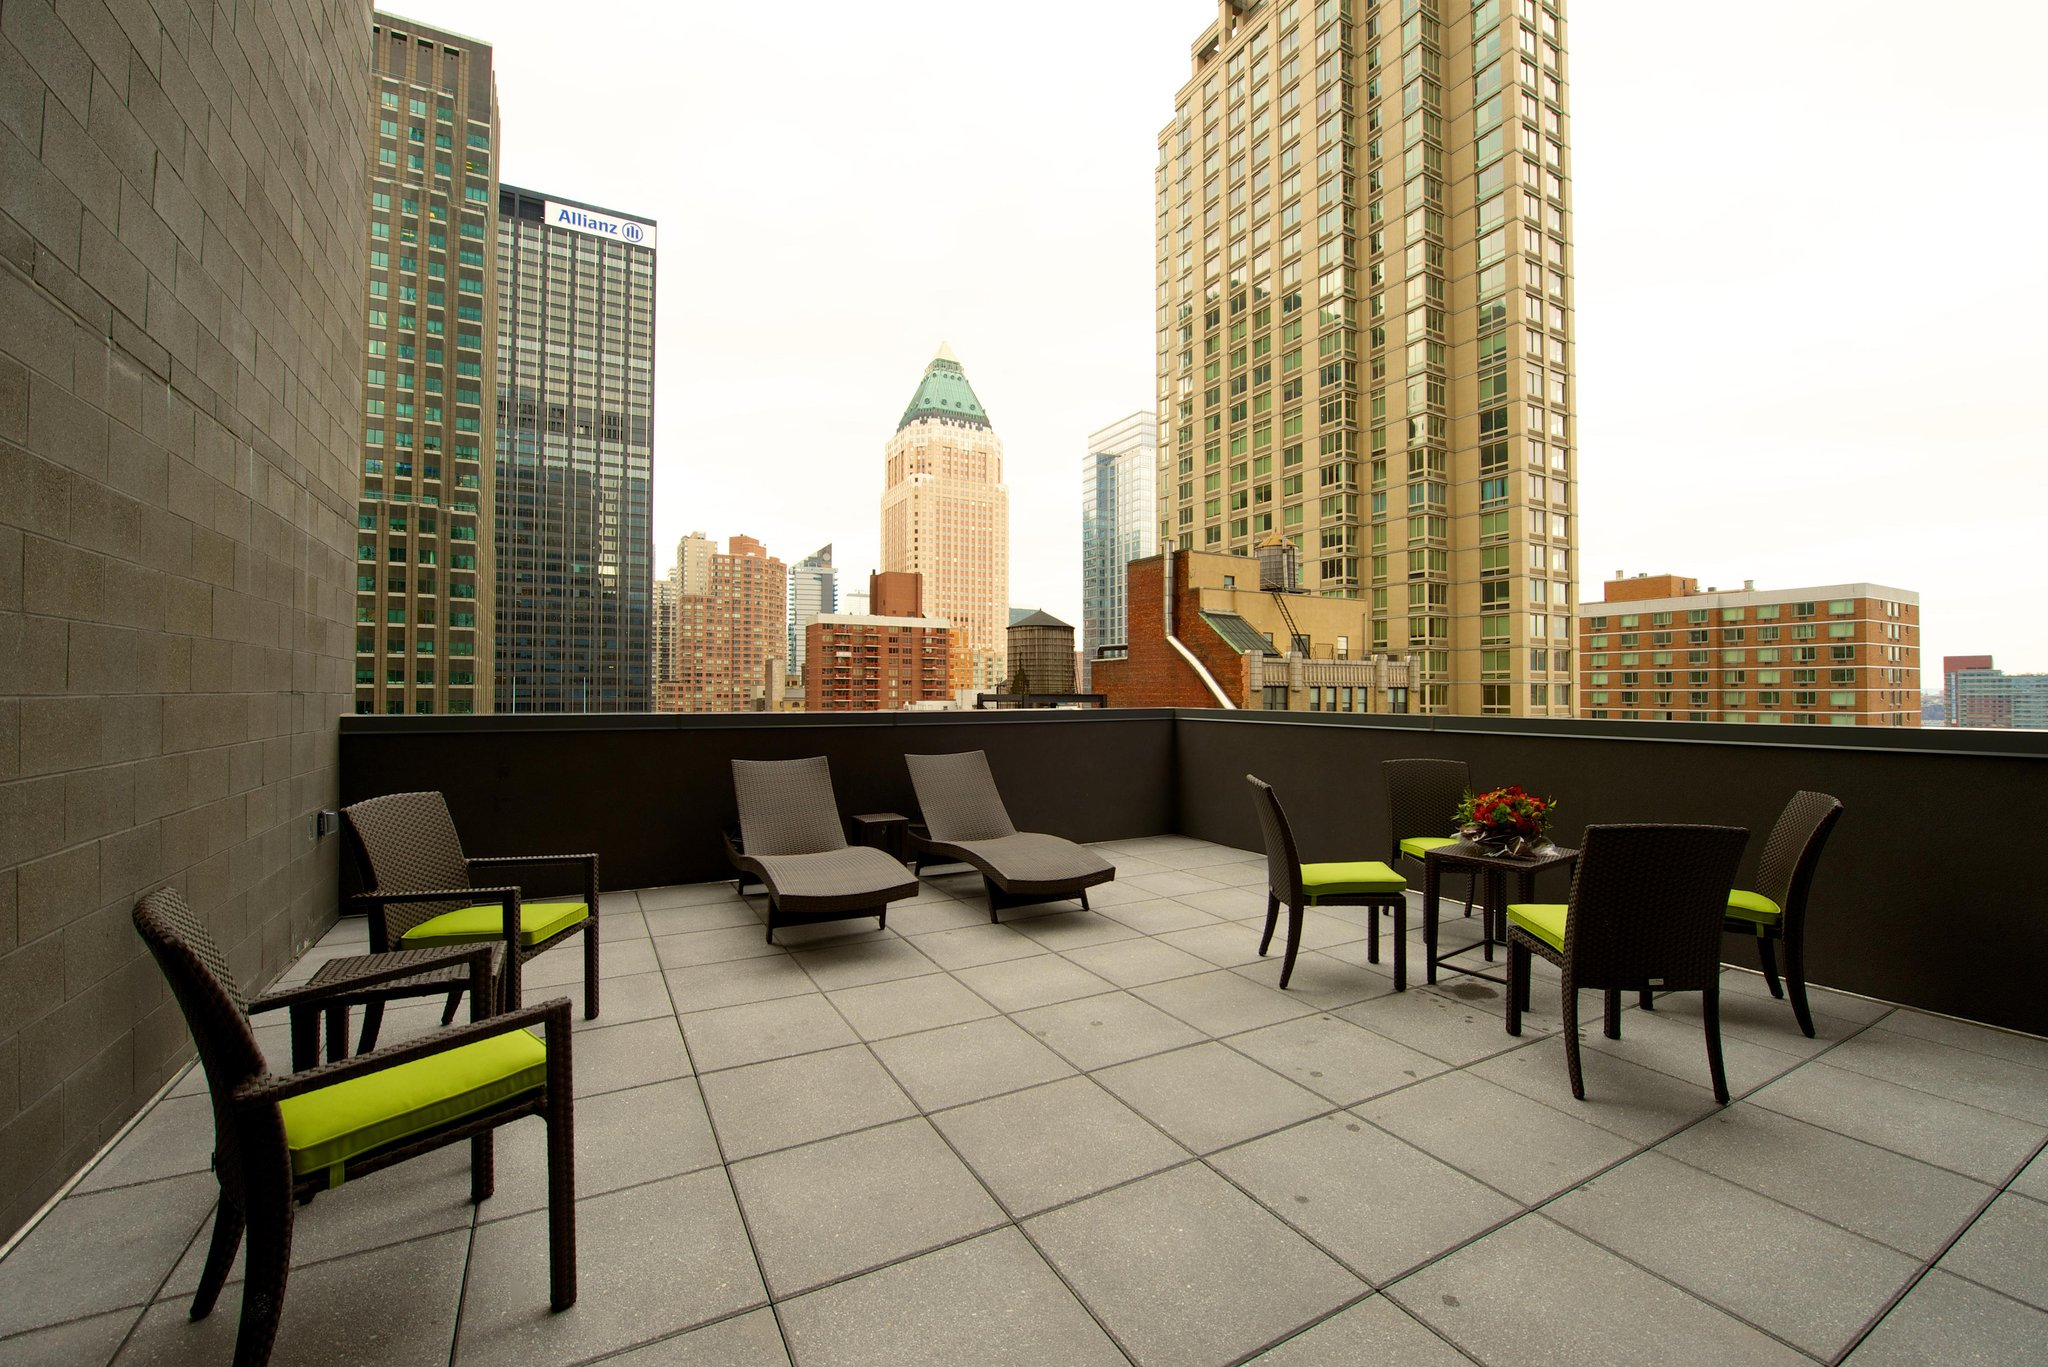 Hilton Garden Inn Cerca De Central Park Trayectorio